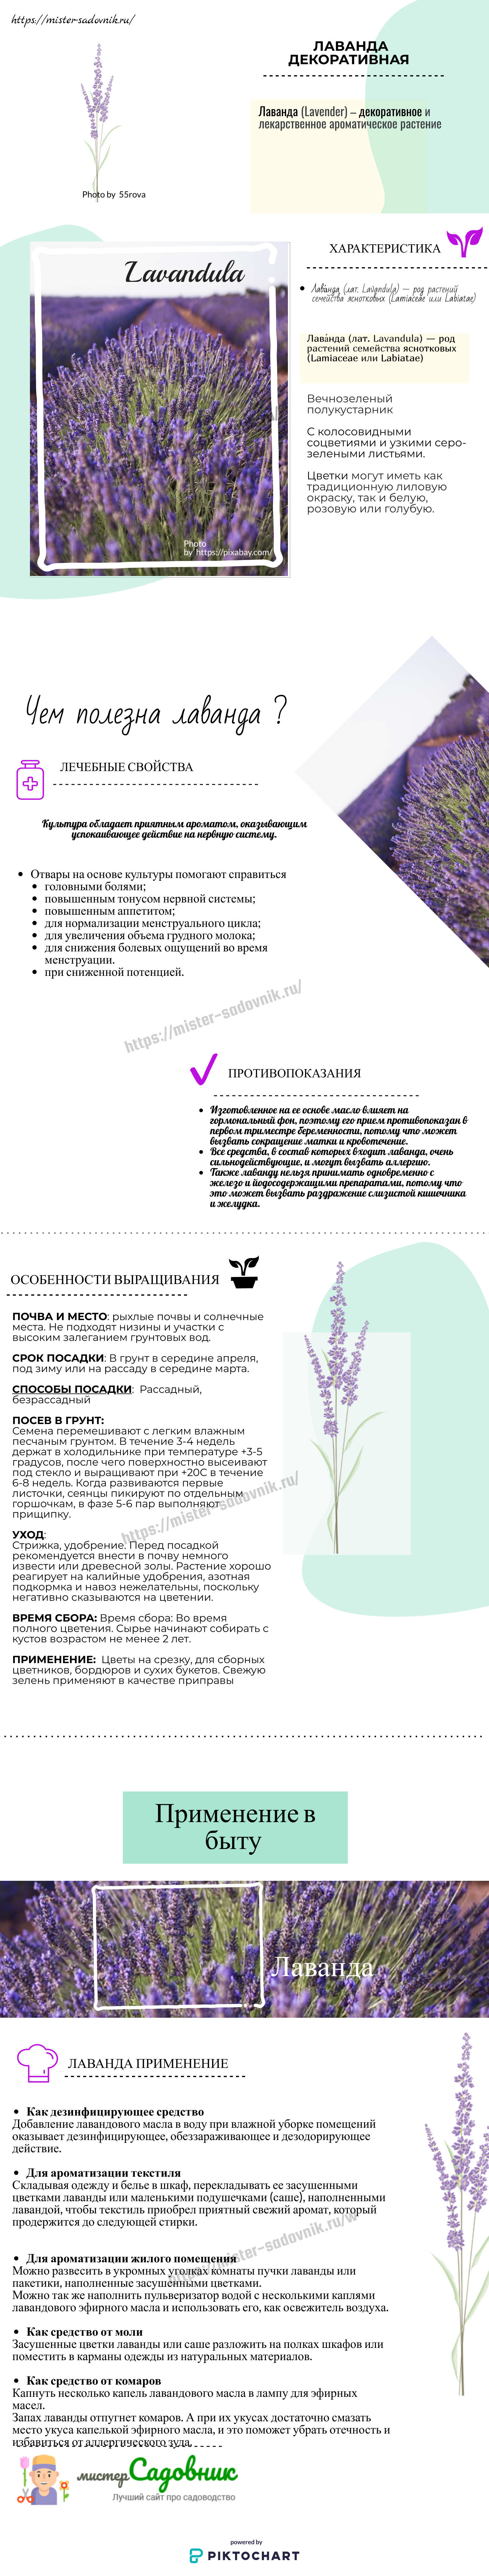 Как выращивать лаванду